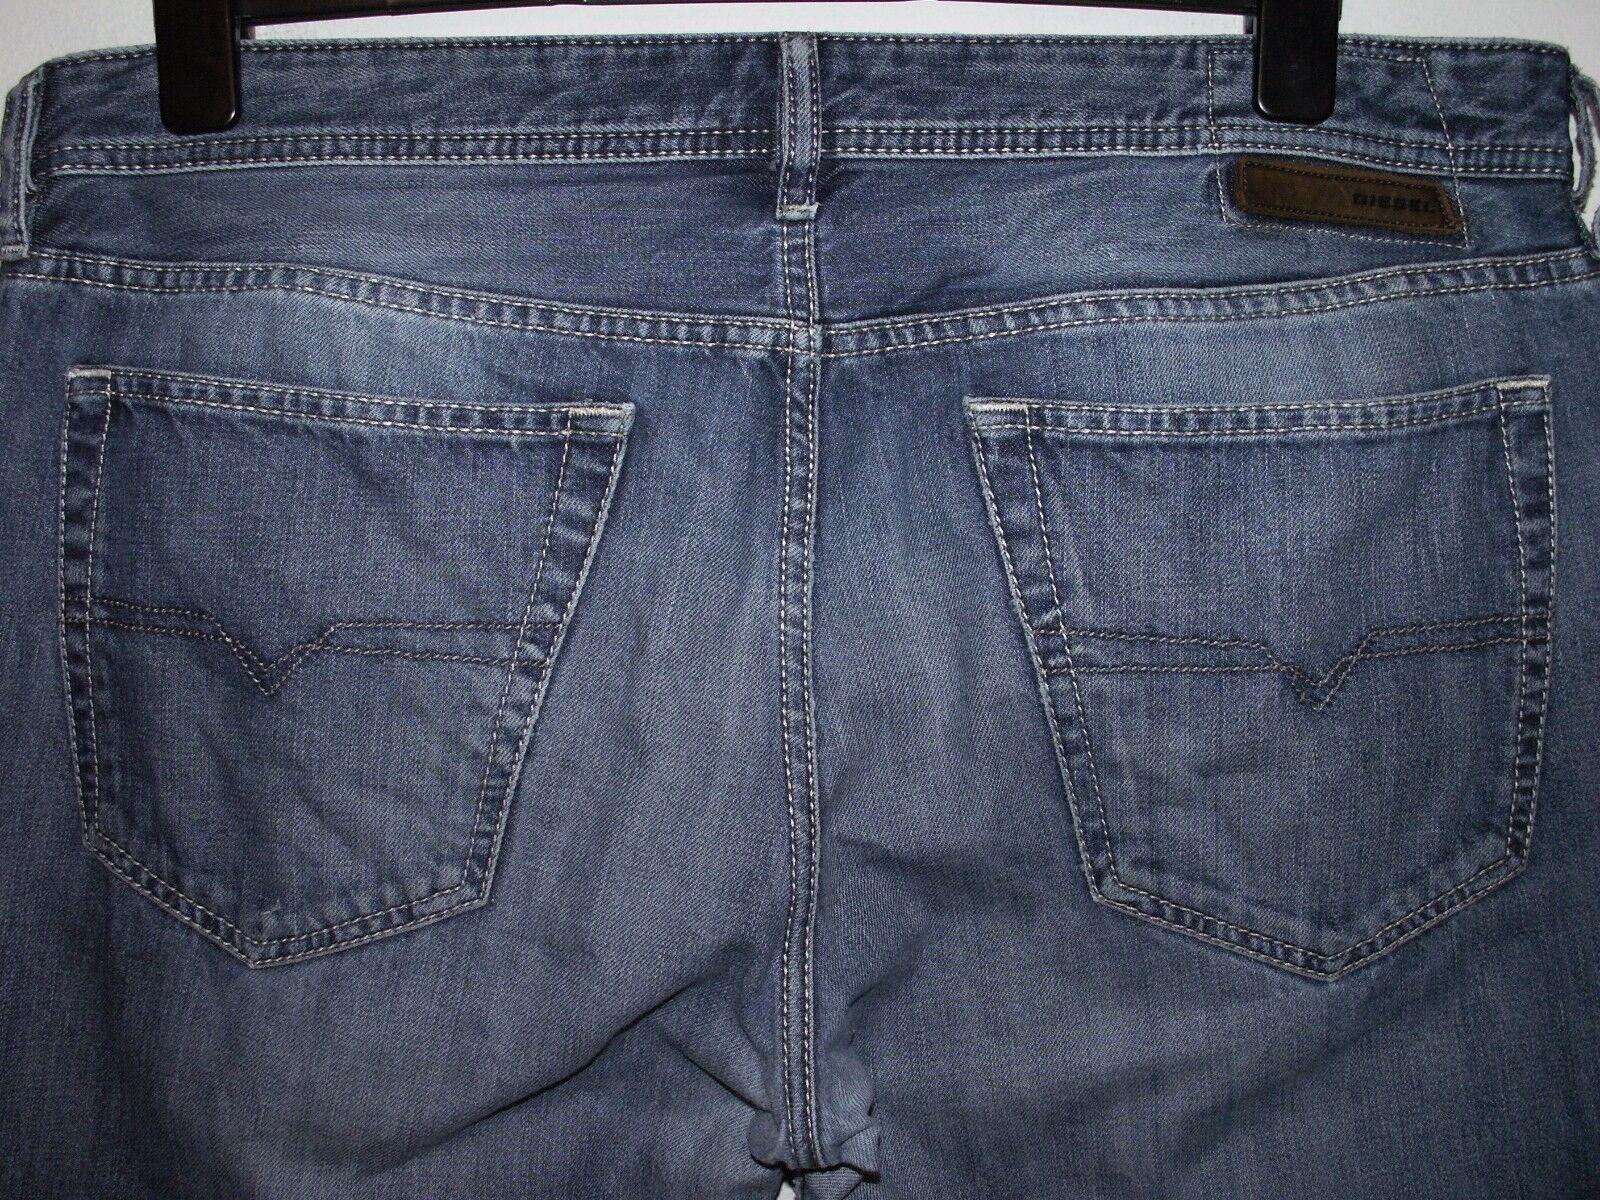 Diesel new-fanker regular slim-Stiefelcut jeans wash 0801Z W36 L32 (a2853)  | Glücklicher Startpunkt